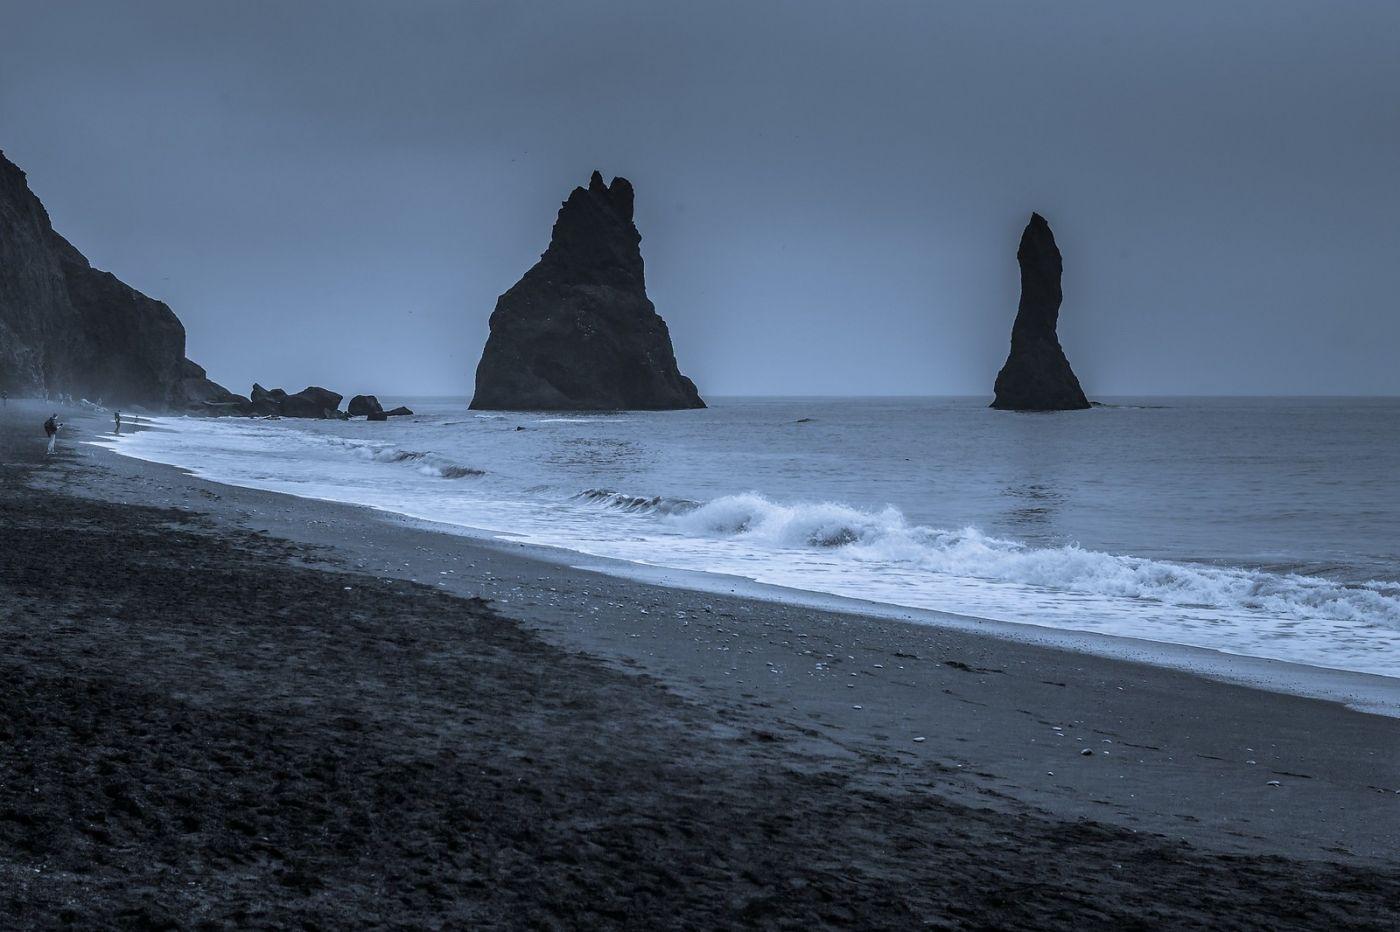 冰岛雷尼斯法加拉黑沙滩(Reynisfjara Black Sand Beach)_图1-11